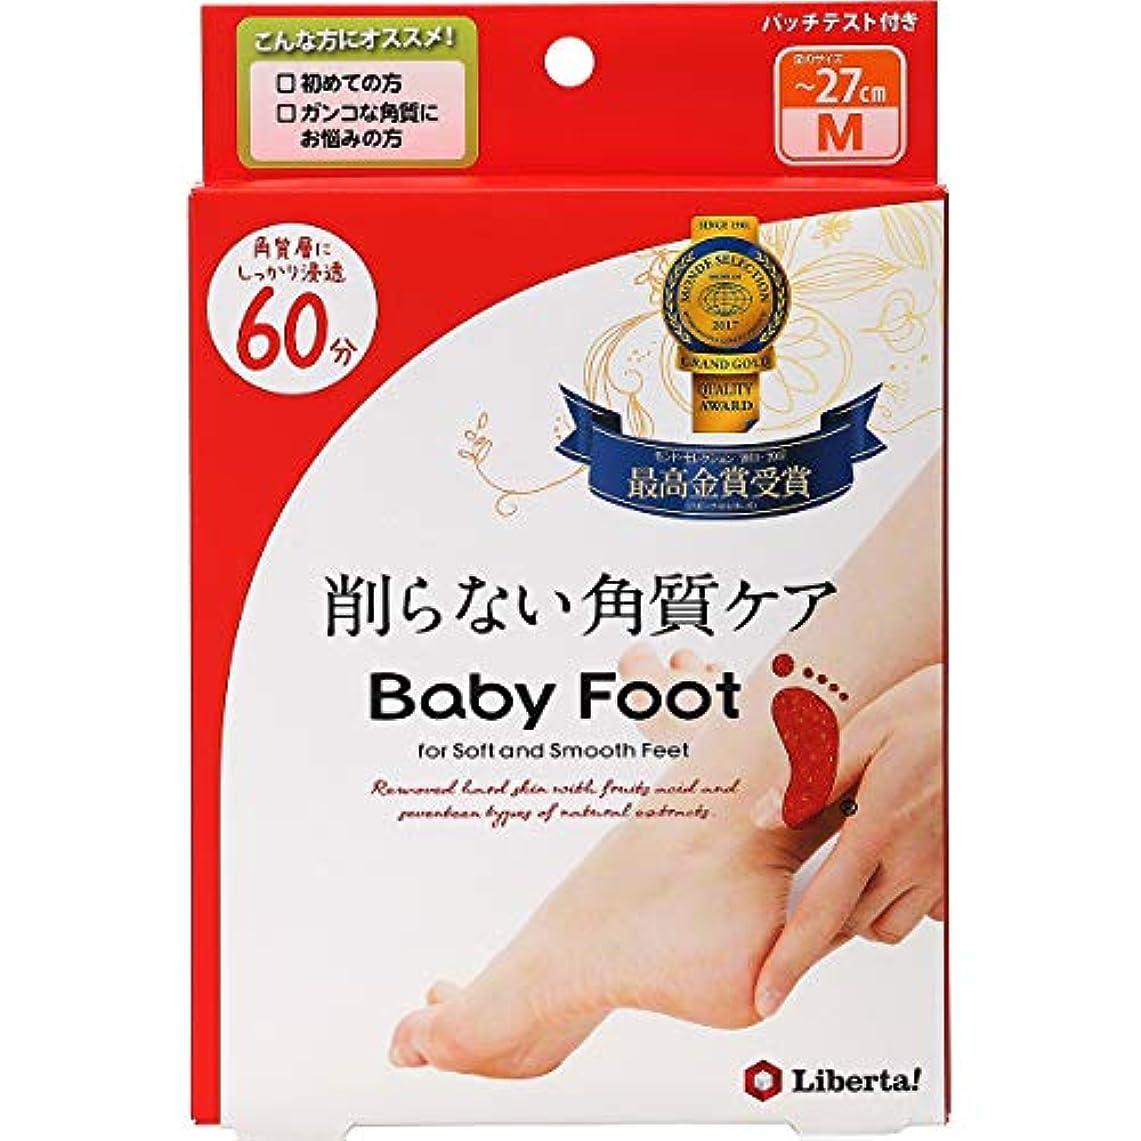 服バックアップチラチラするベビーフット (Baby Foot) ベビーフット イージーパック SPT60分タイプ Mサイズ 単品